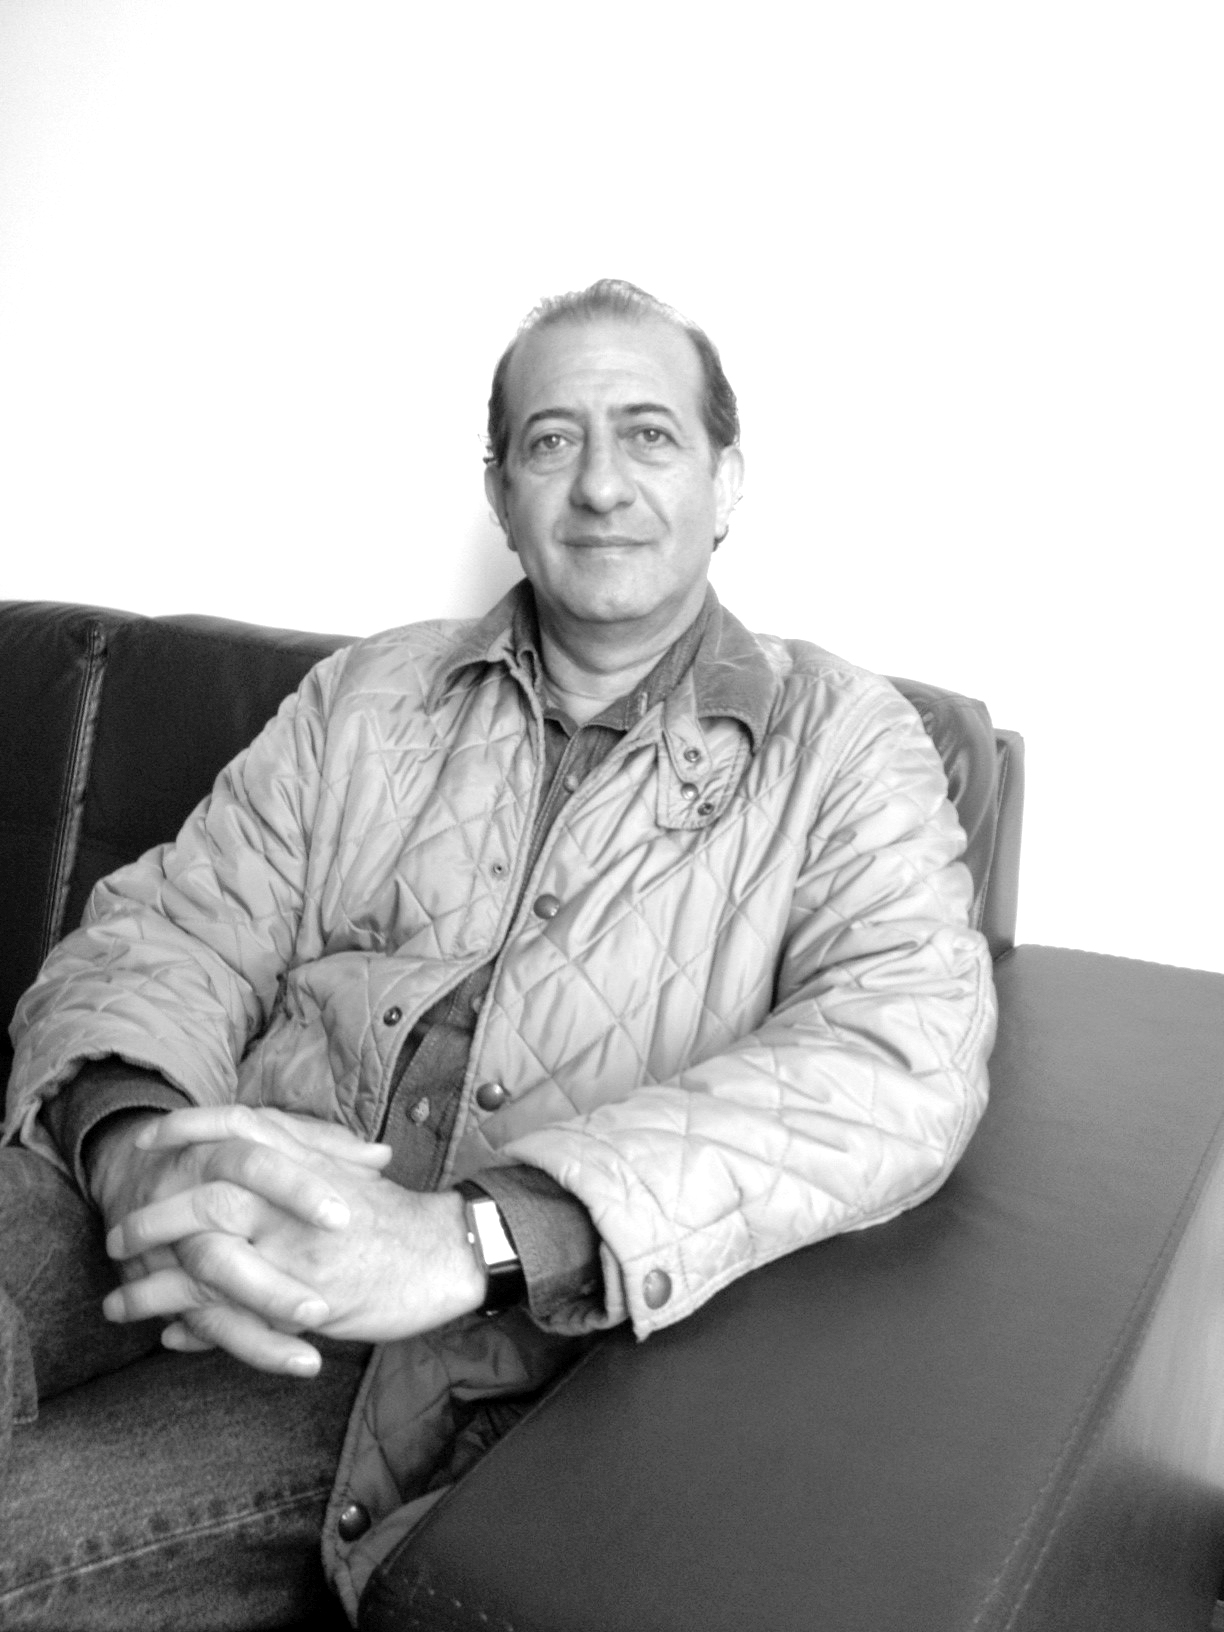 Encallado el barco… ¿ahora qué? Por: Carlos Iván Mantilla Velásquez   EL FRENTE